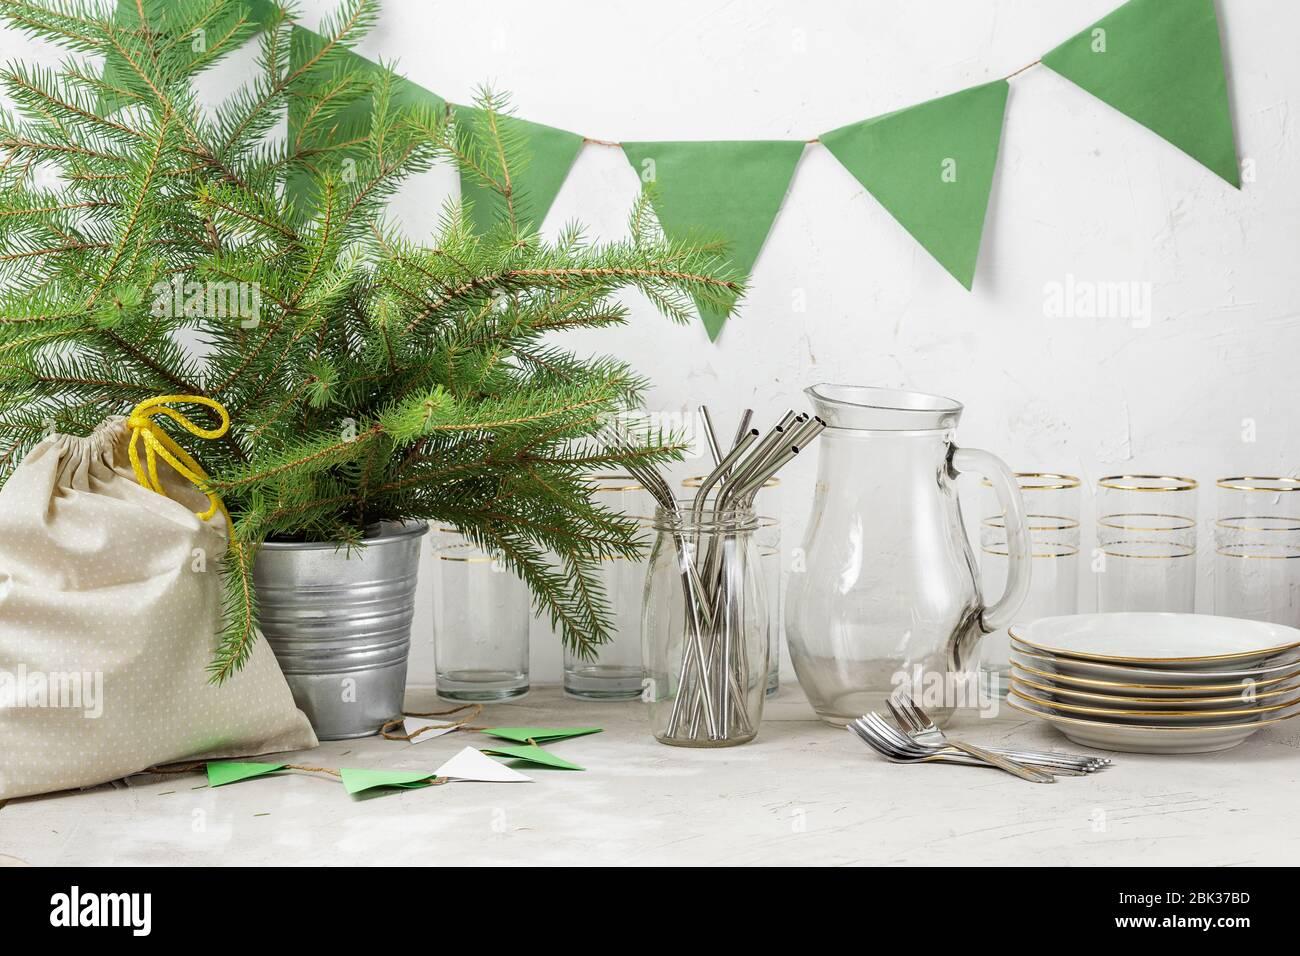 Pajitas reutilizables, cristal para beber y platos banderas de papel, y regalo en bolsa de tela preparada para la fiesta ecológica de Navidad o año Nuevo sin residuos Foto de stock